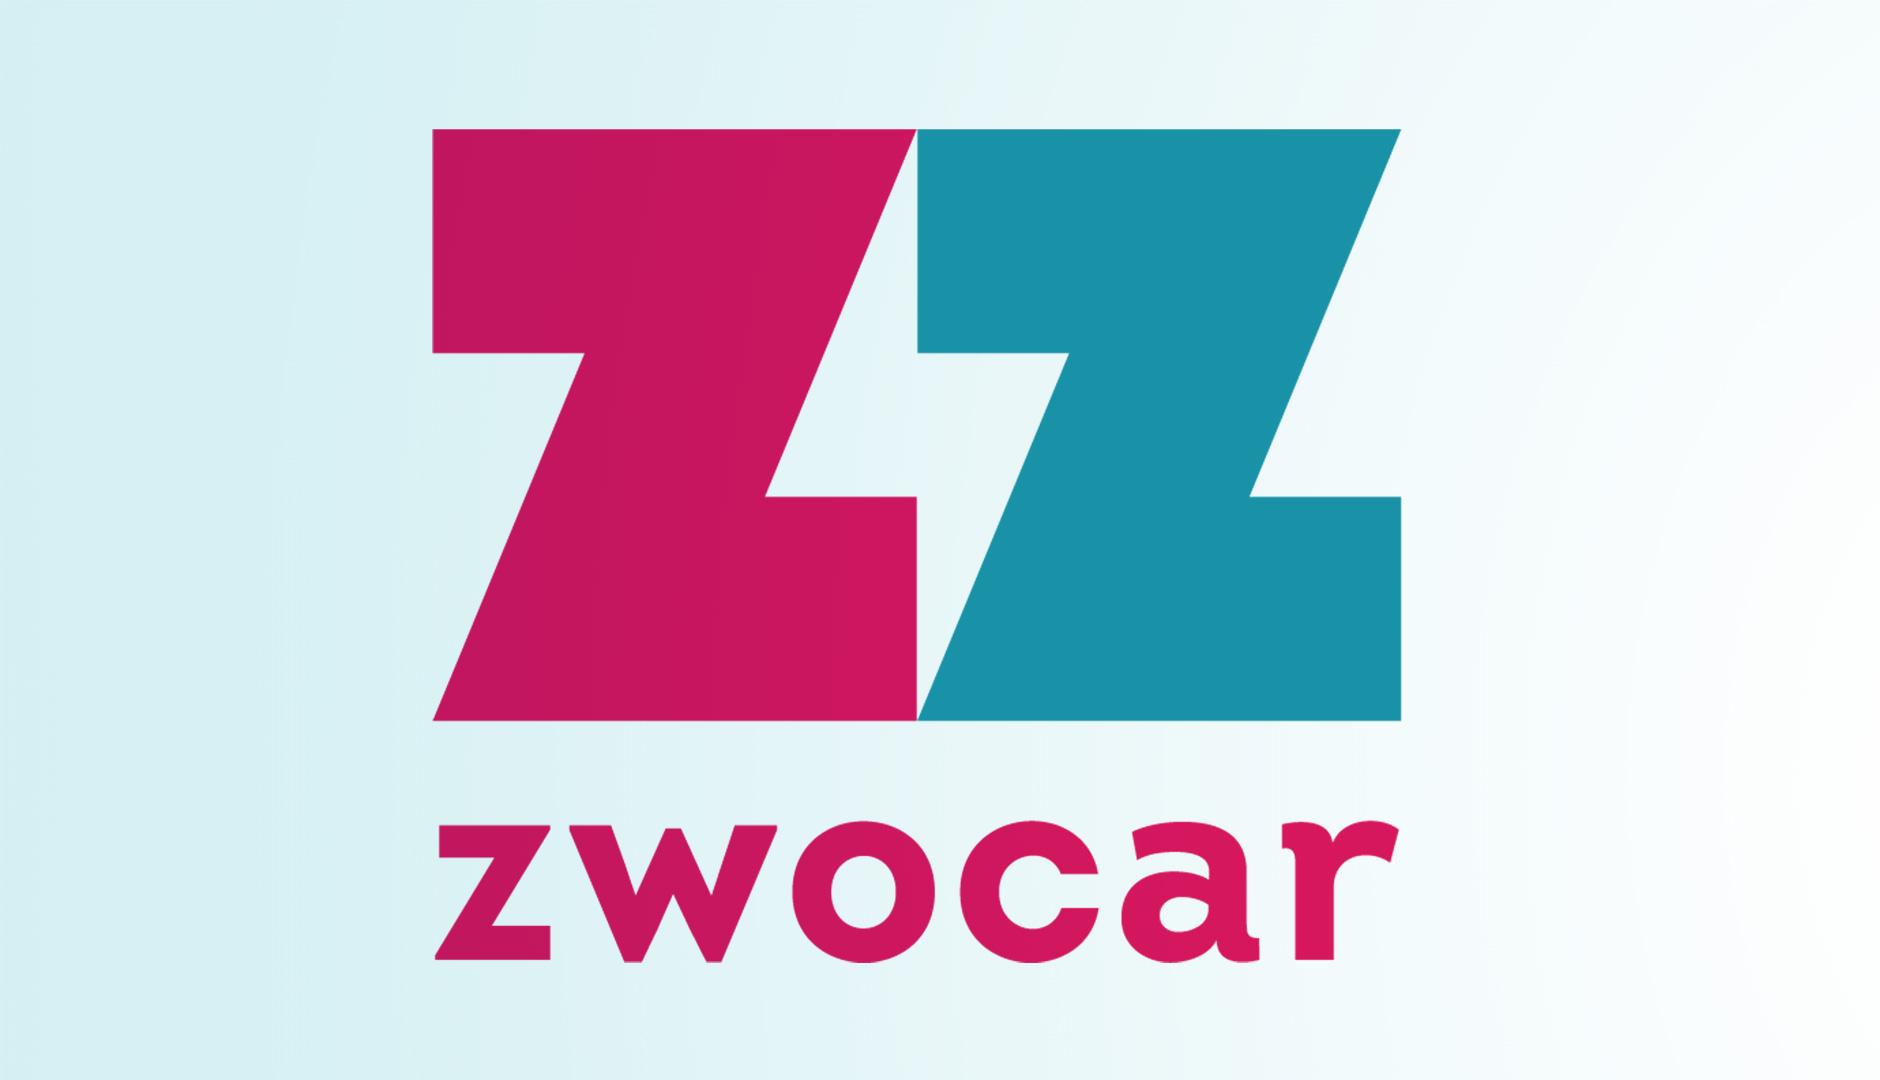 zwocar logo